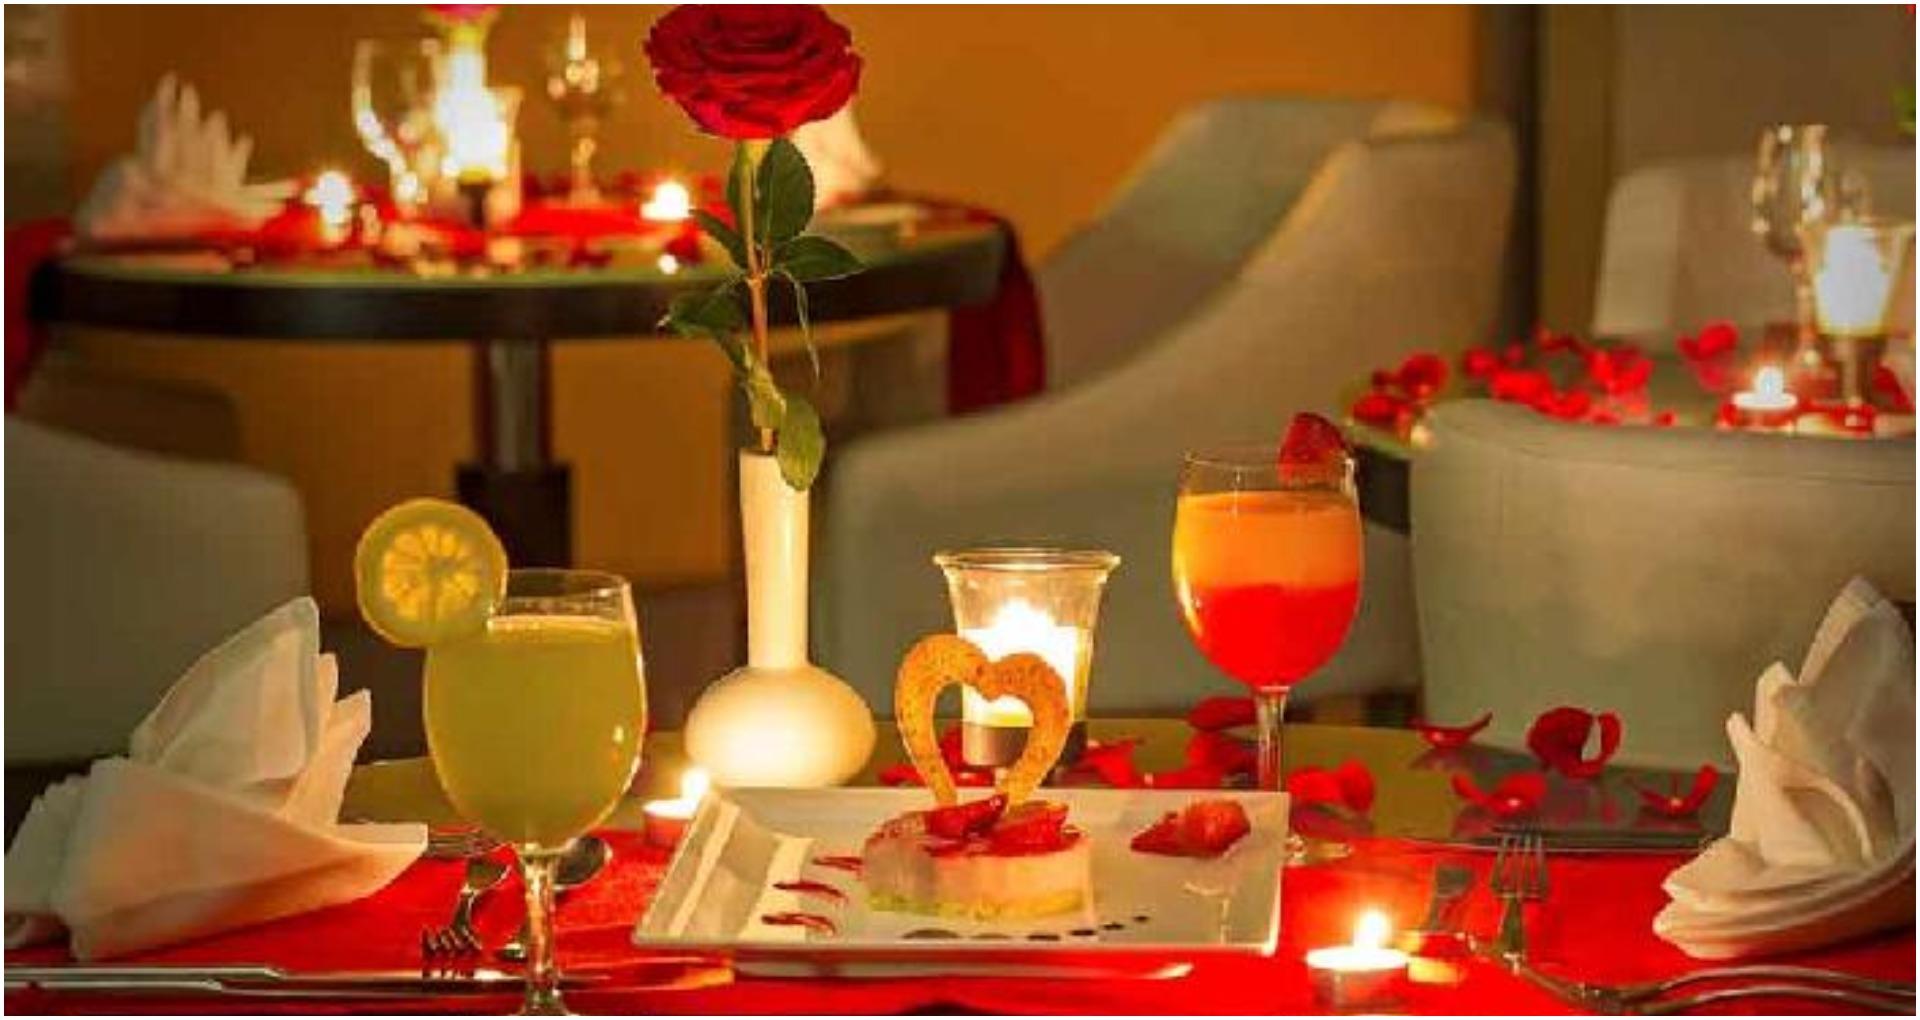 Happy Valentine's Day 2020: मुंबई का सबसे बेस्ट रेस्टोरेंट जहां आप सेलिब्रेट कर सकते है वैलेंटाइन डे